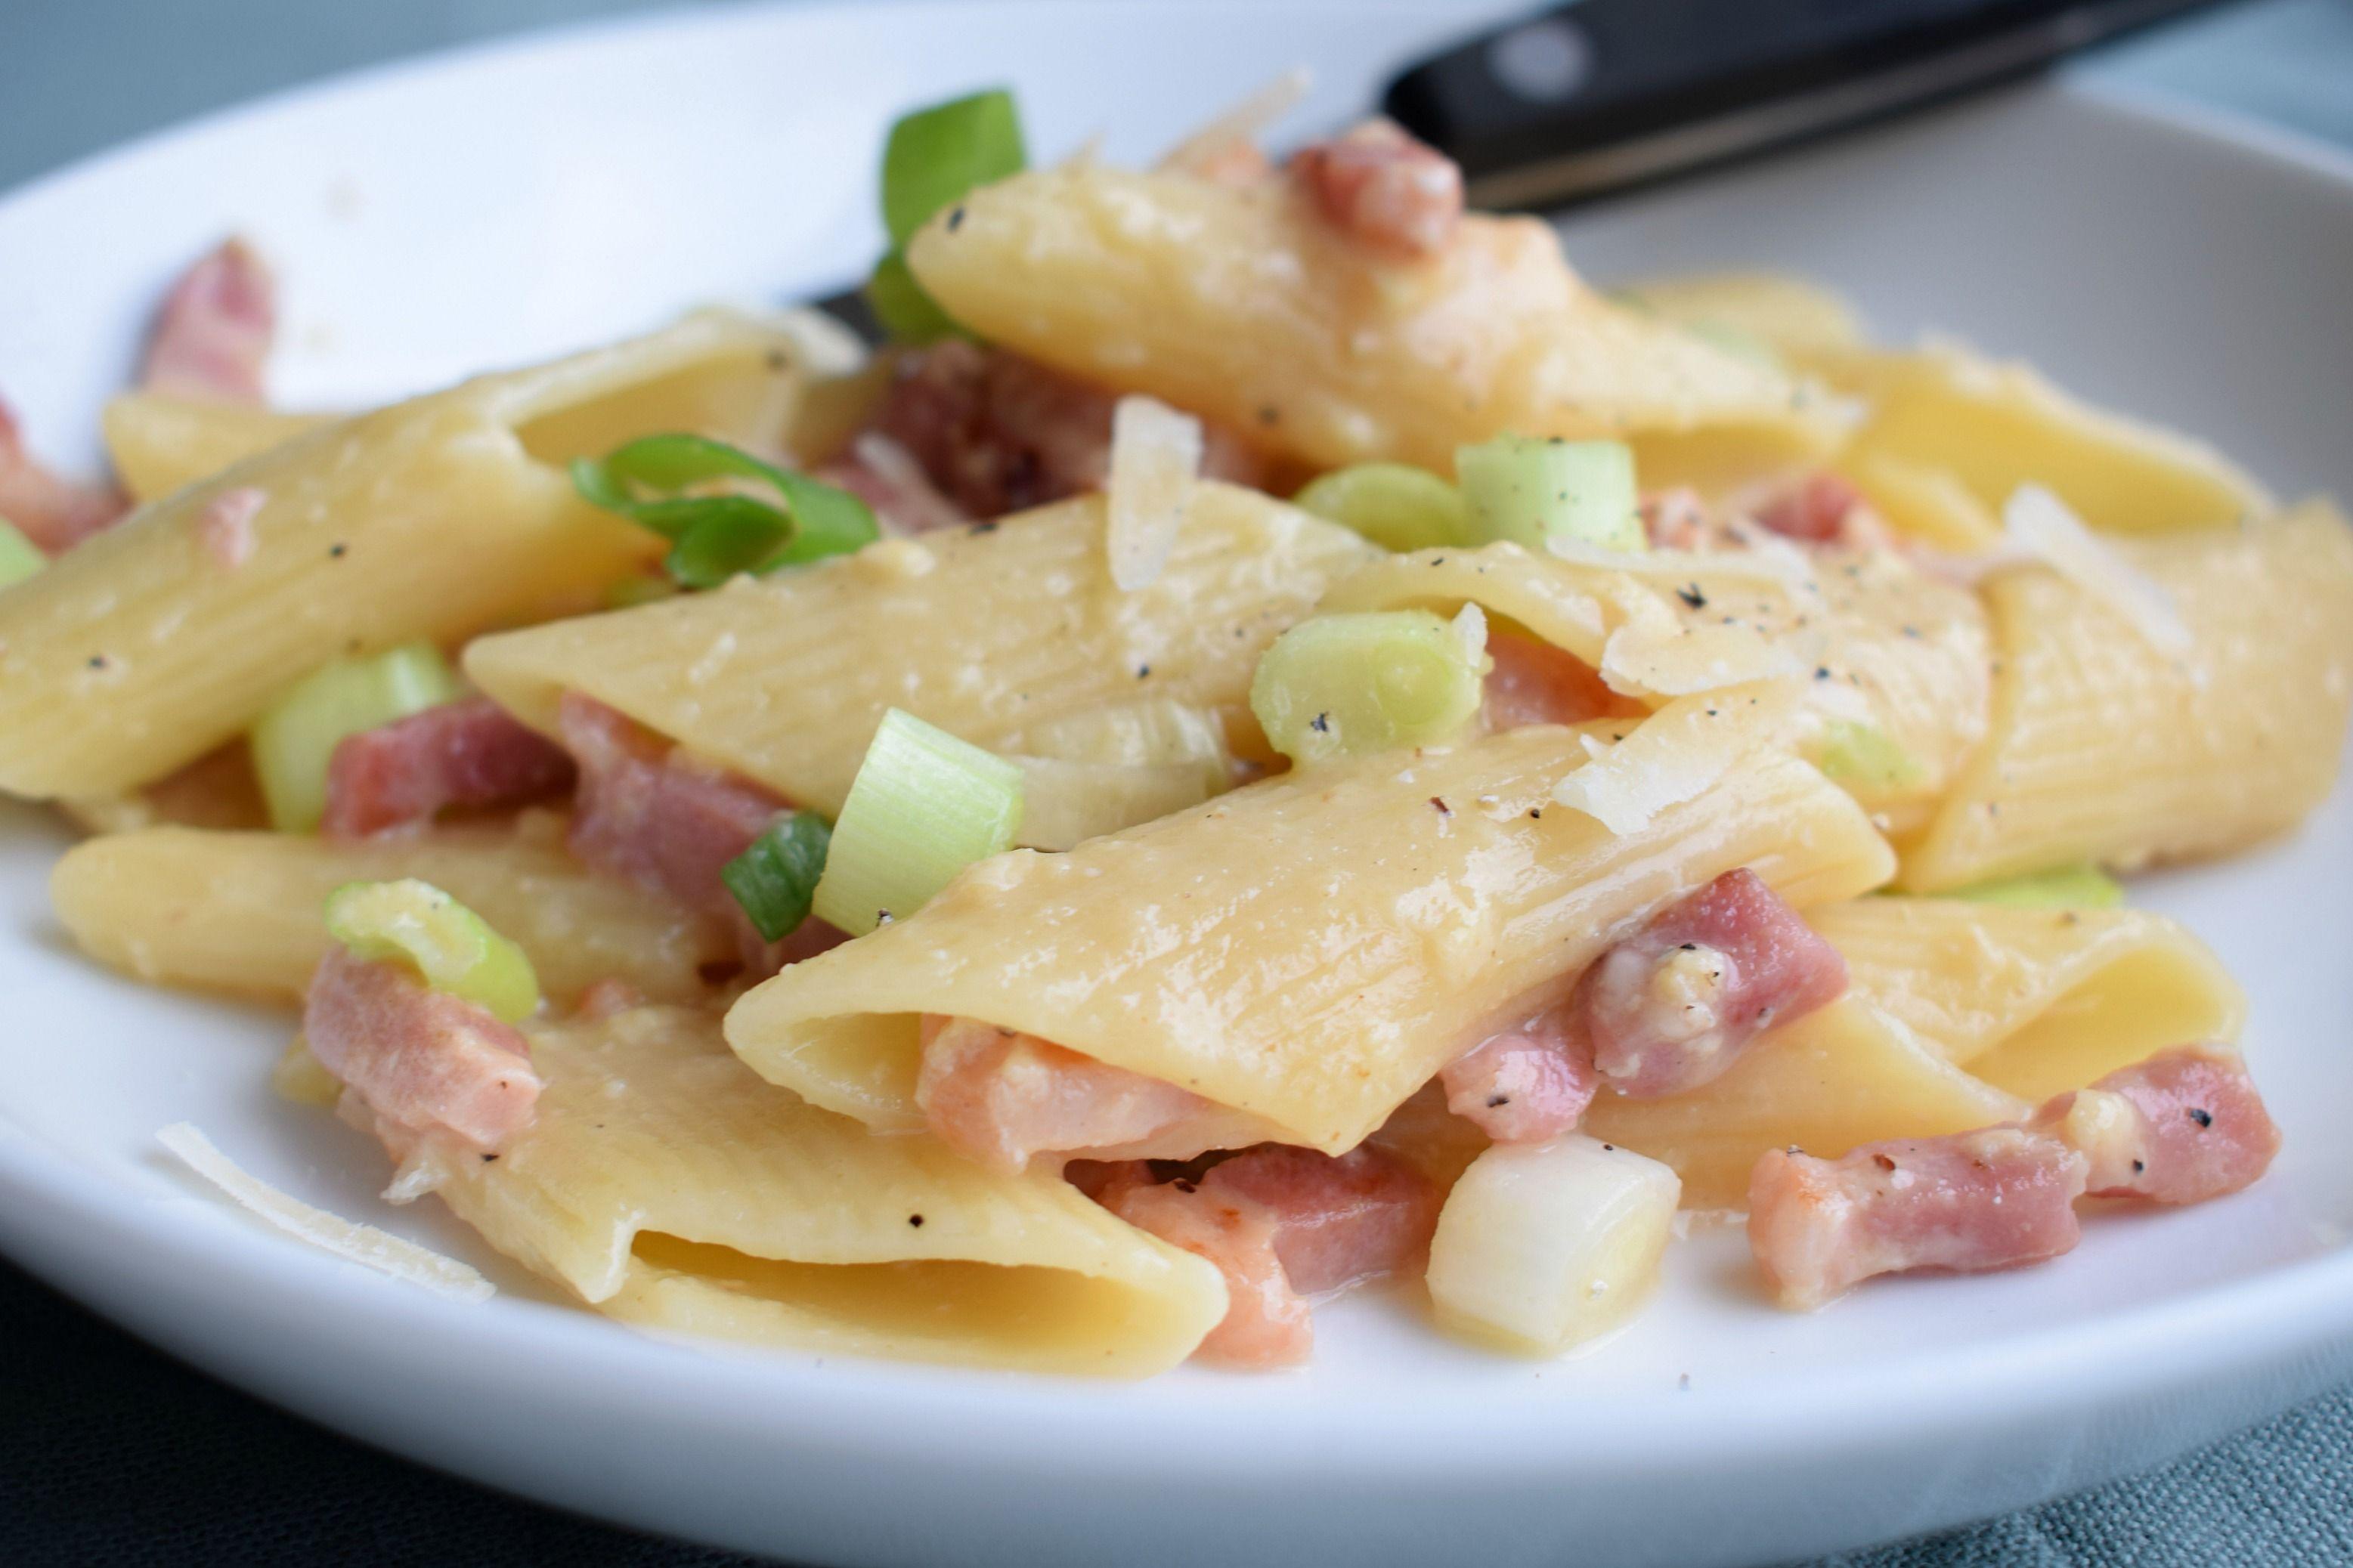 Nog eieren over van de Pasen? Maak dan eens pasta met spek en ei. Na een hele Paasbrunch of –diner in elkaar te hebben geflanst de afgelopen dagen, heb je misschien ook wel weer behoefte aan een simpel en snel recept. Dan zit je met deze pasta goed, want het is supersnel klaar. Door de...lees meer »